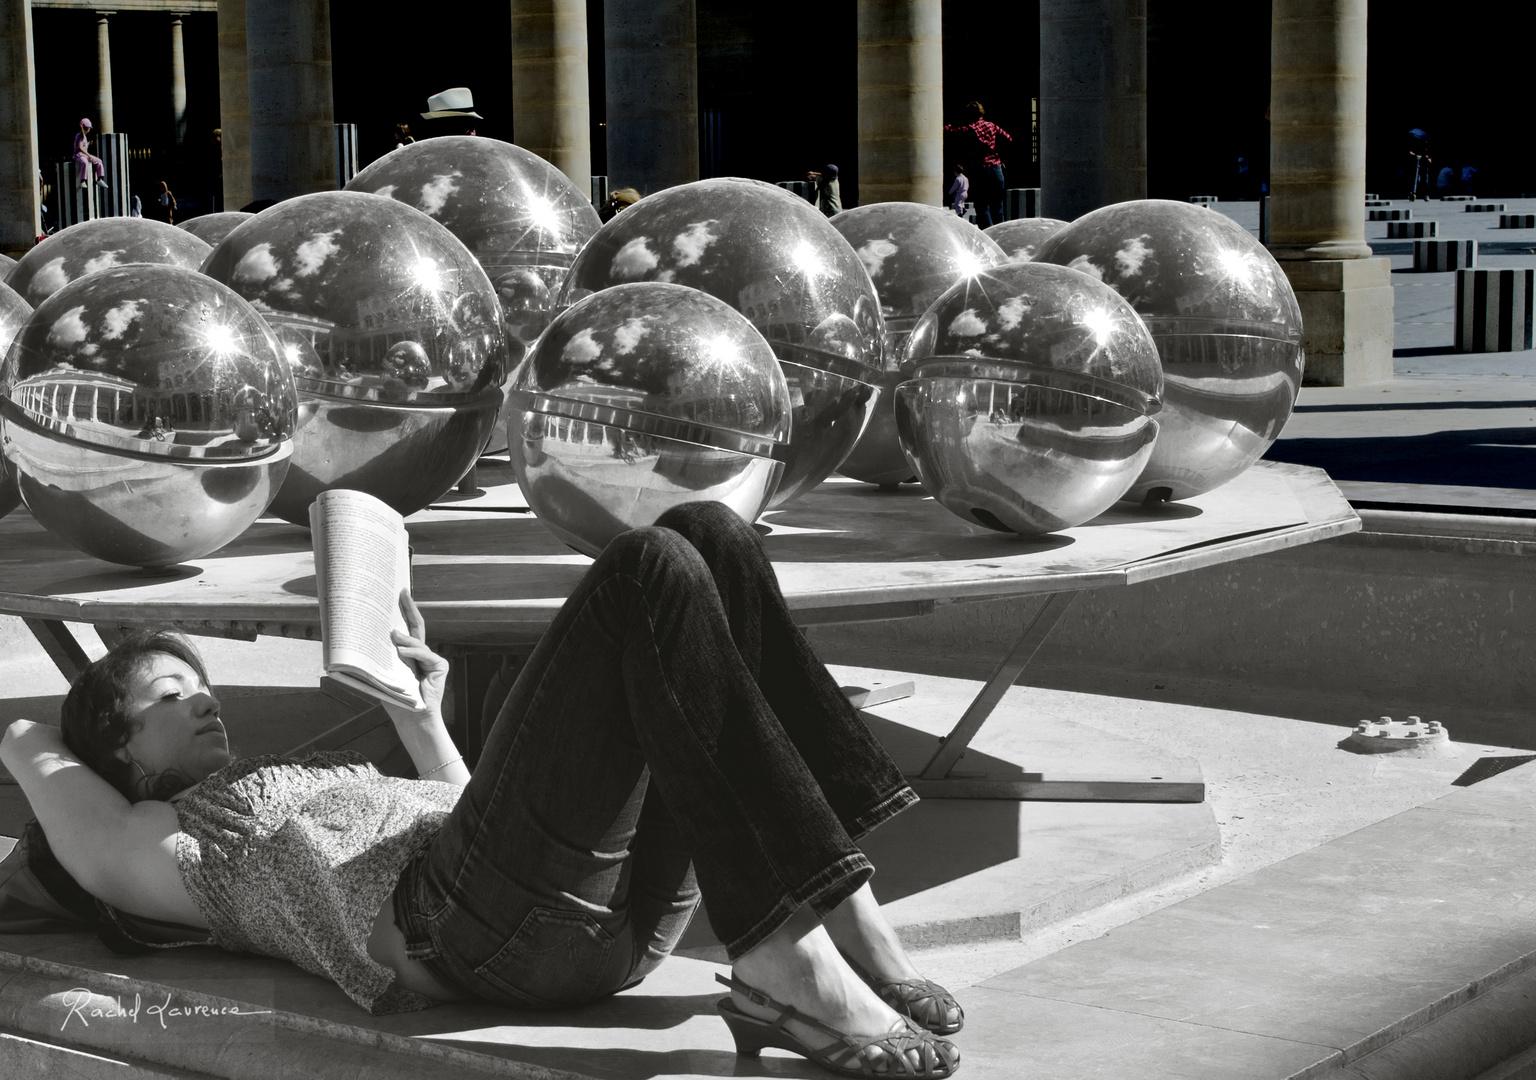 La saison de la lecture au Palais Royal